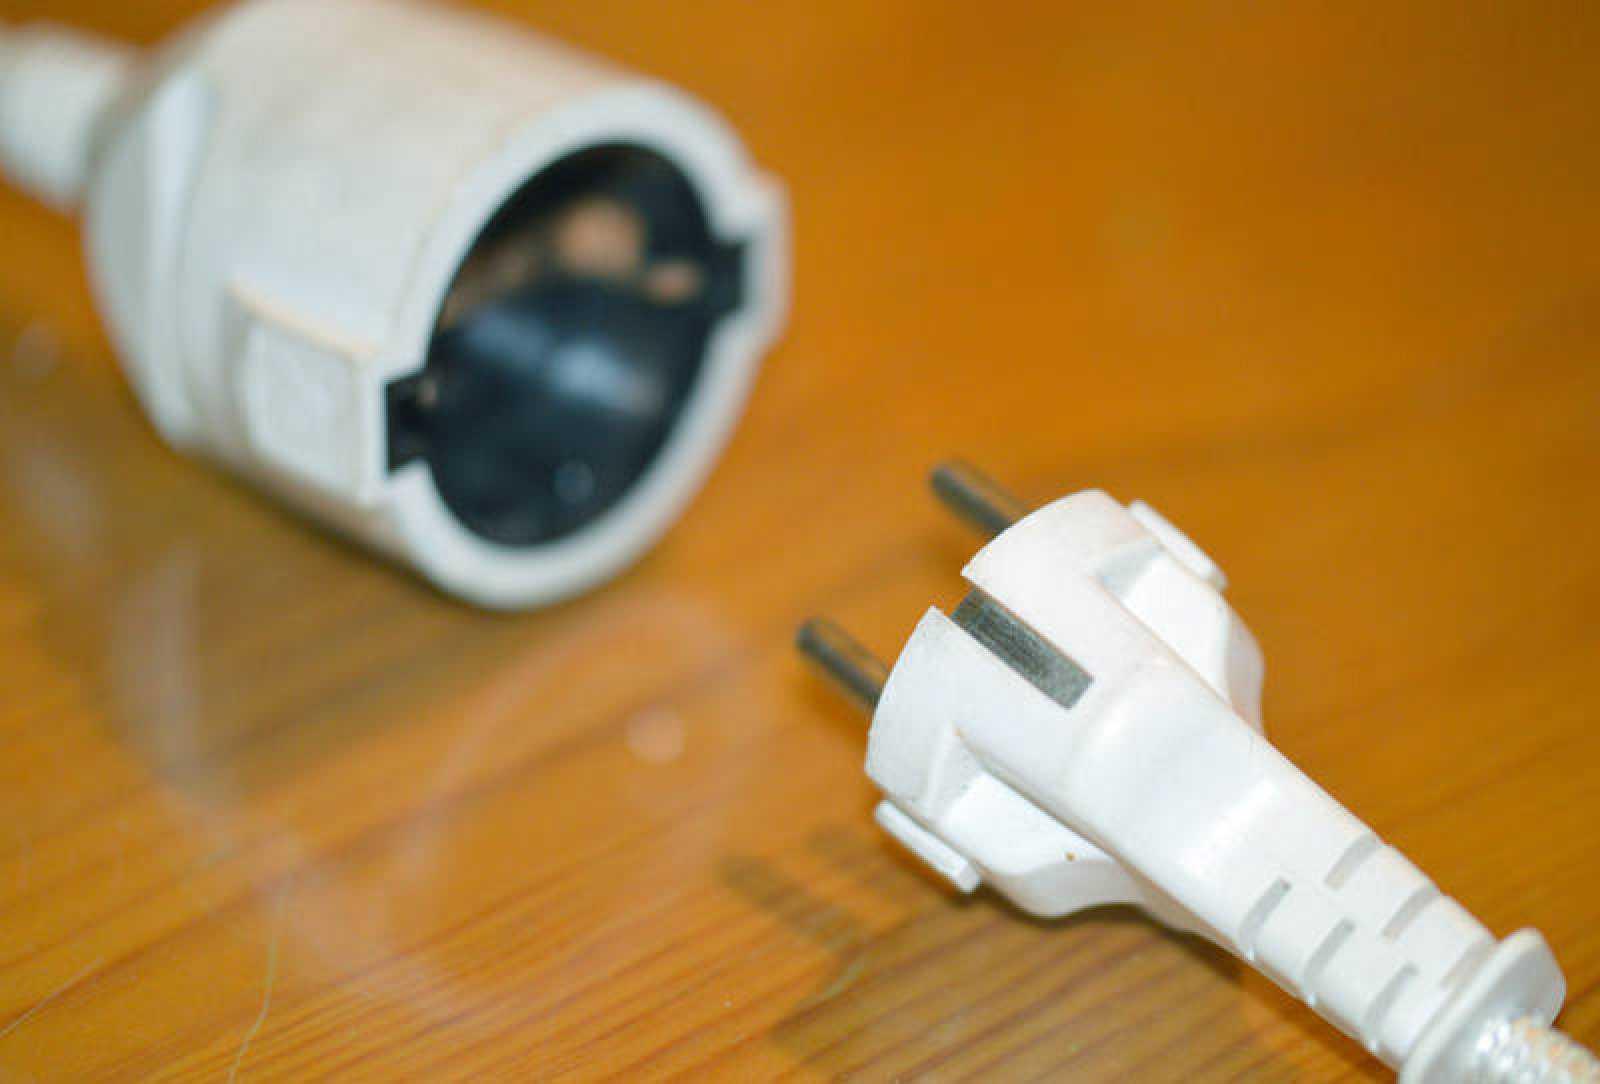 Un enchufe y un conector eléctrico